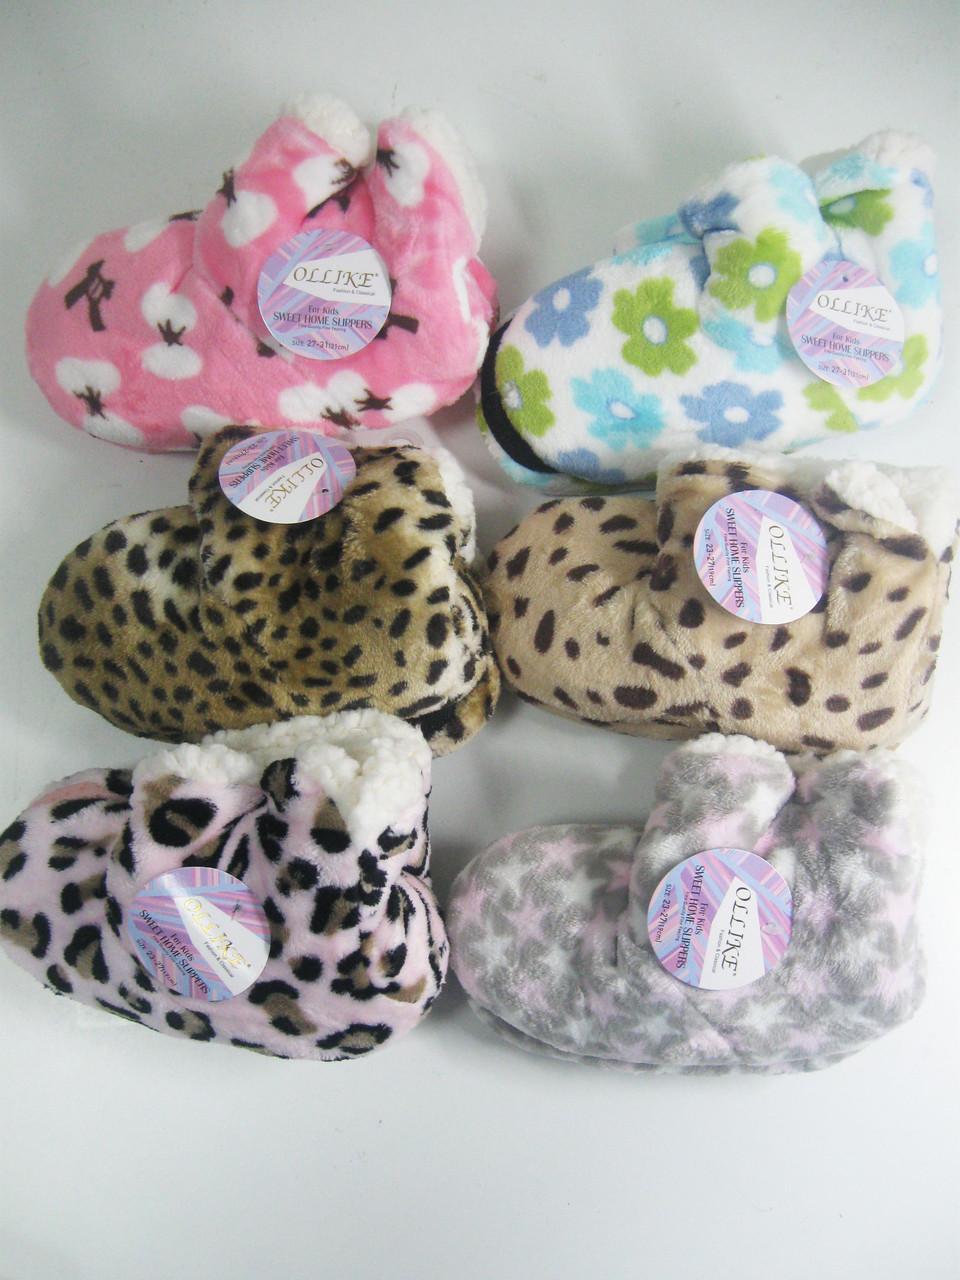 Тапочки- угги домашние на меховой подкладке для девочек, Ollike, размеры 23/27,27/31,31/35, арт. 302